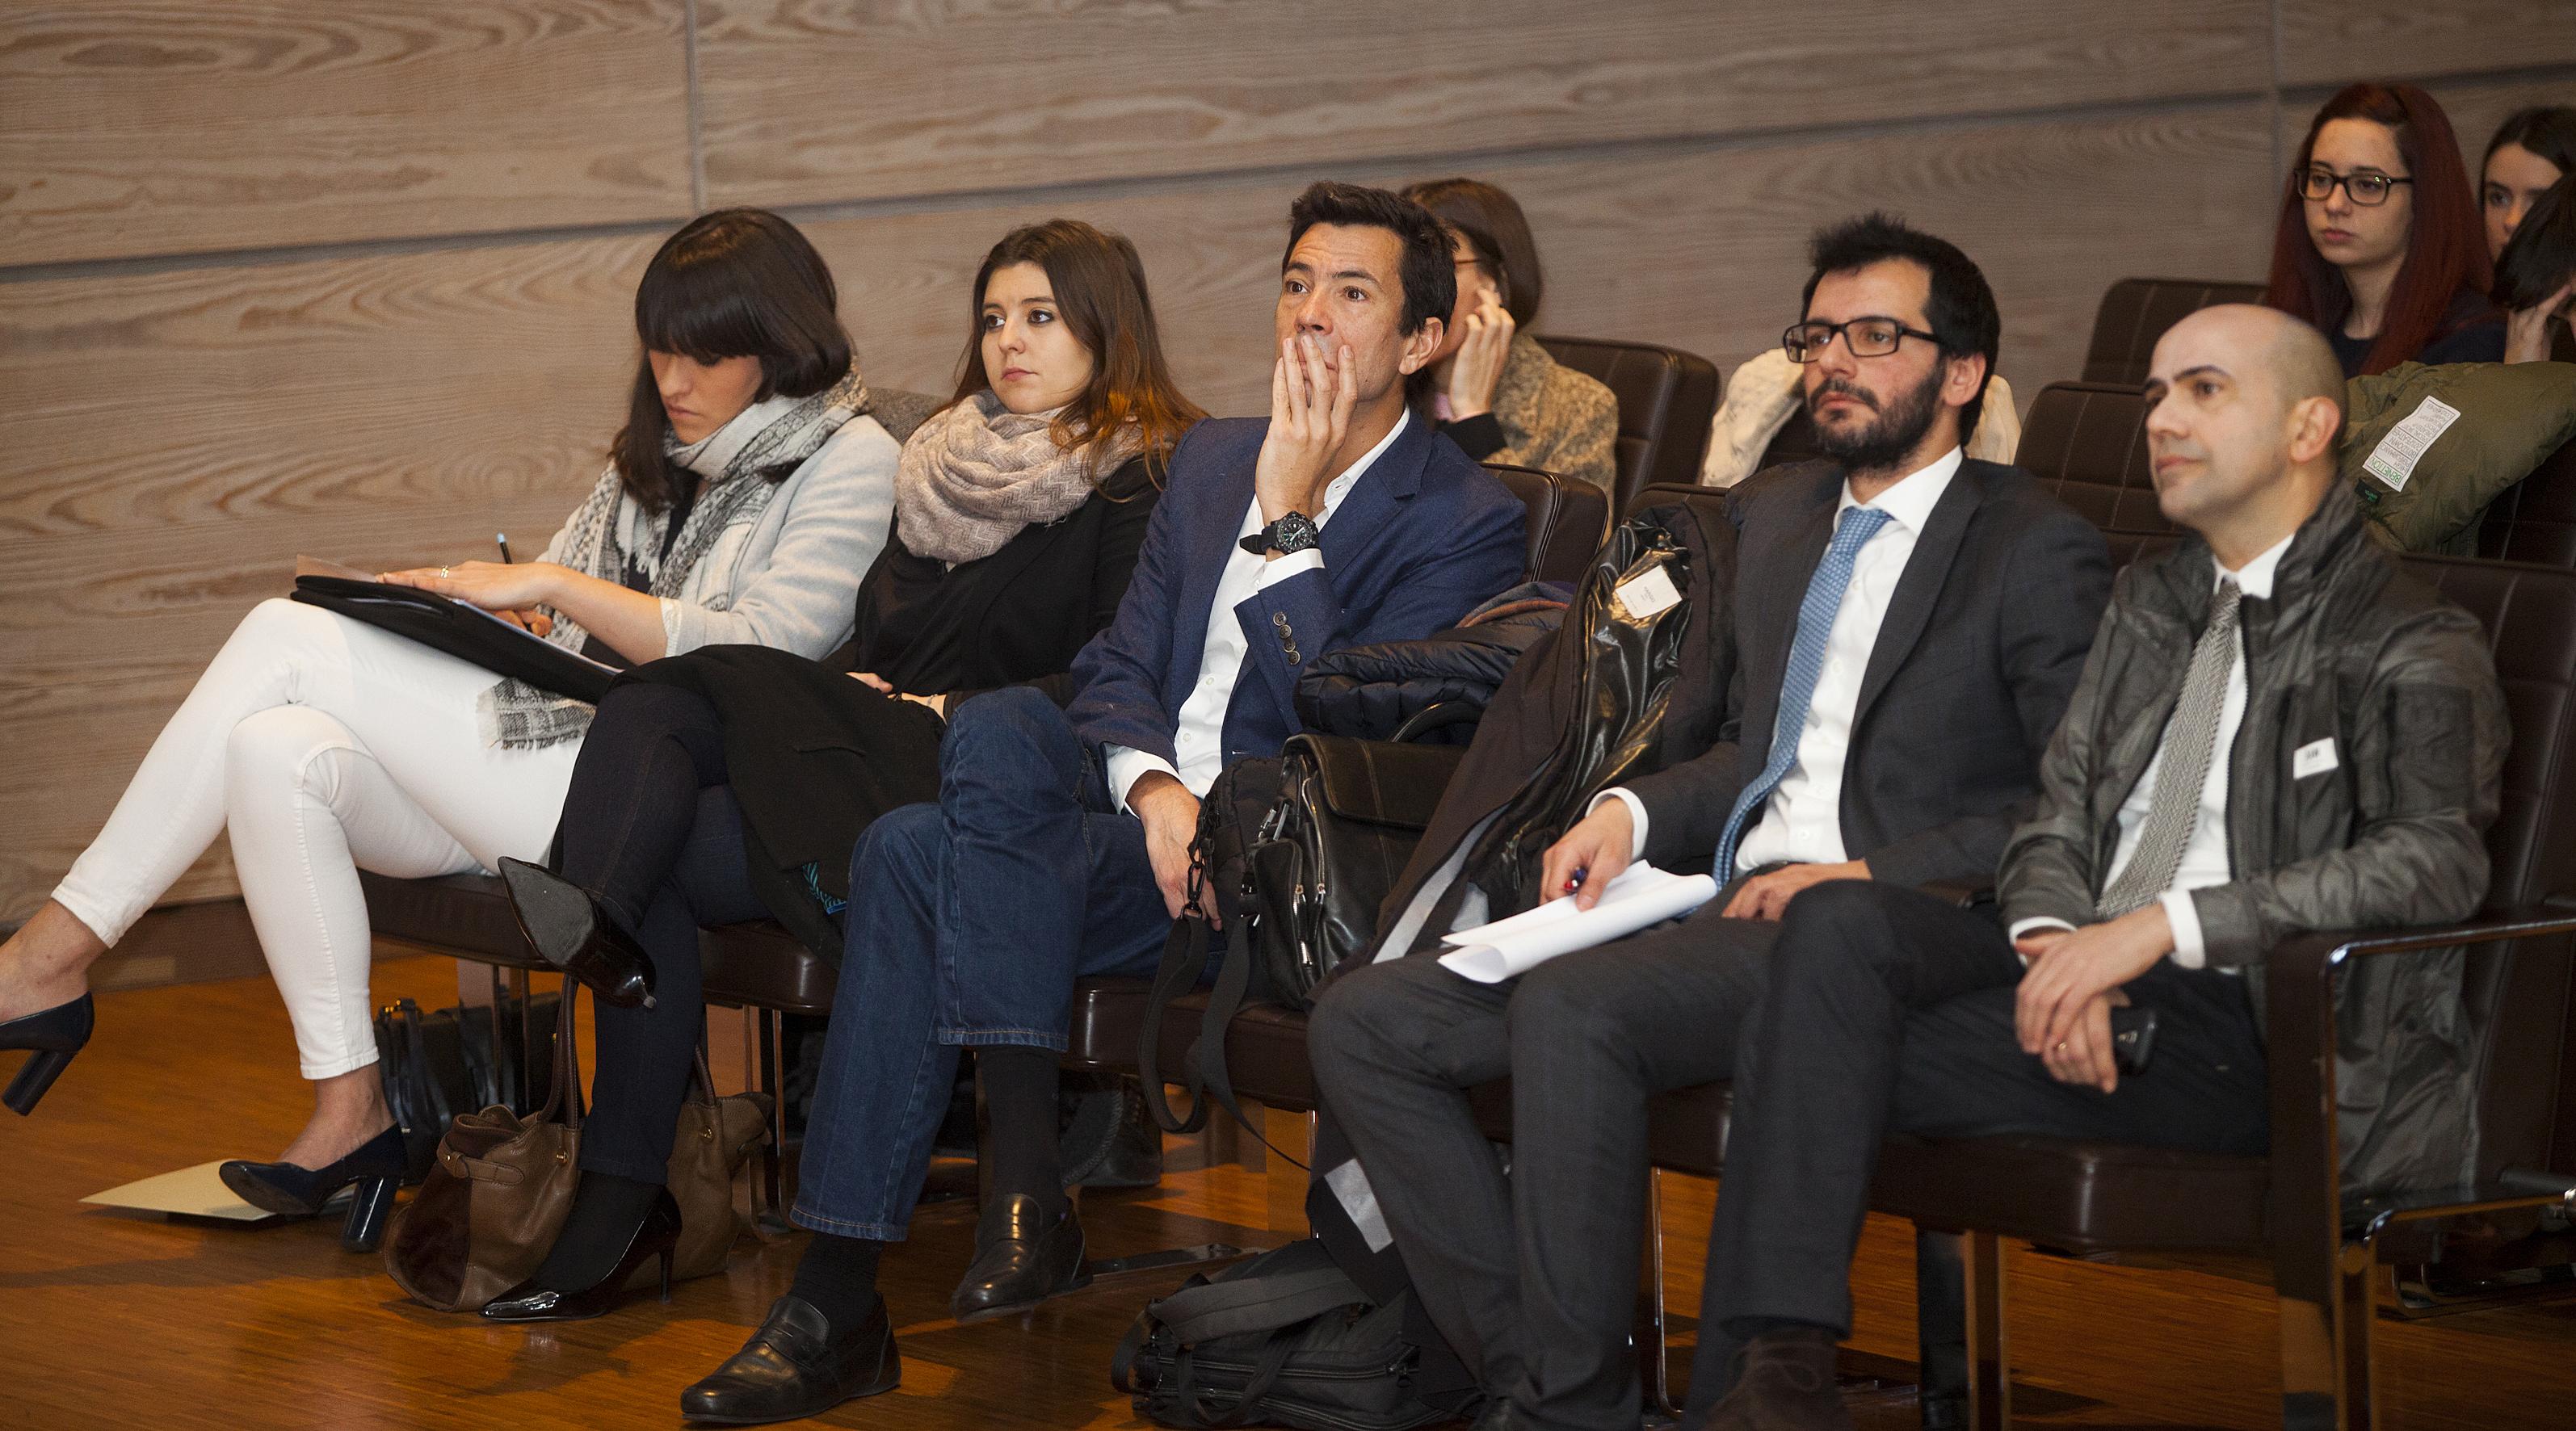 Pilar Riaño y Vanessa Luaces, de Modaes.es; Juan Manzanedo, de Logisfashion, Christian de Angelis, de Modaes.es y Jesús, Ruiz, Fundación Estudios de la Comunicación (Fec). Foto: Carlos de la Osa.